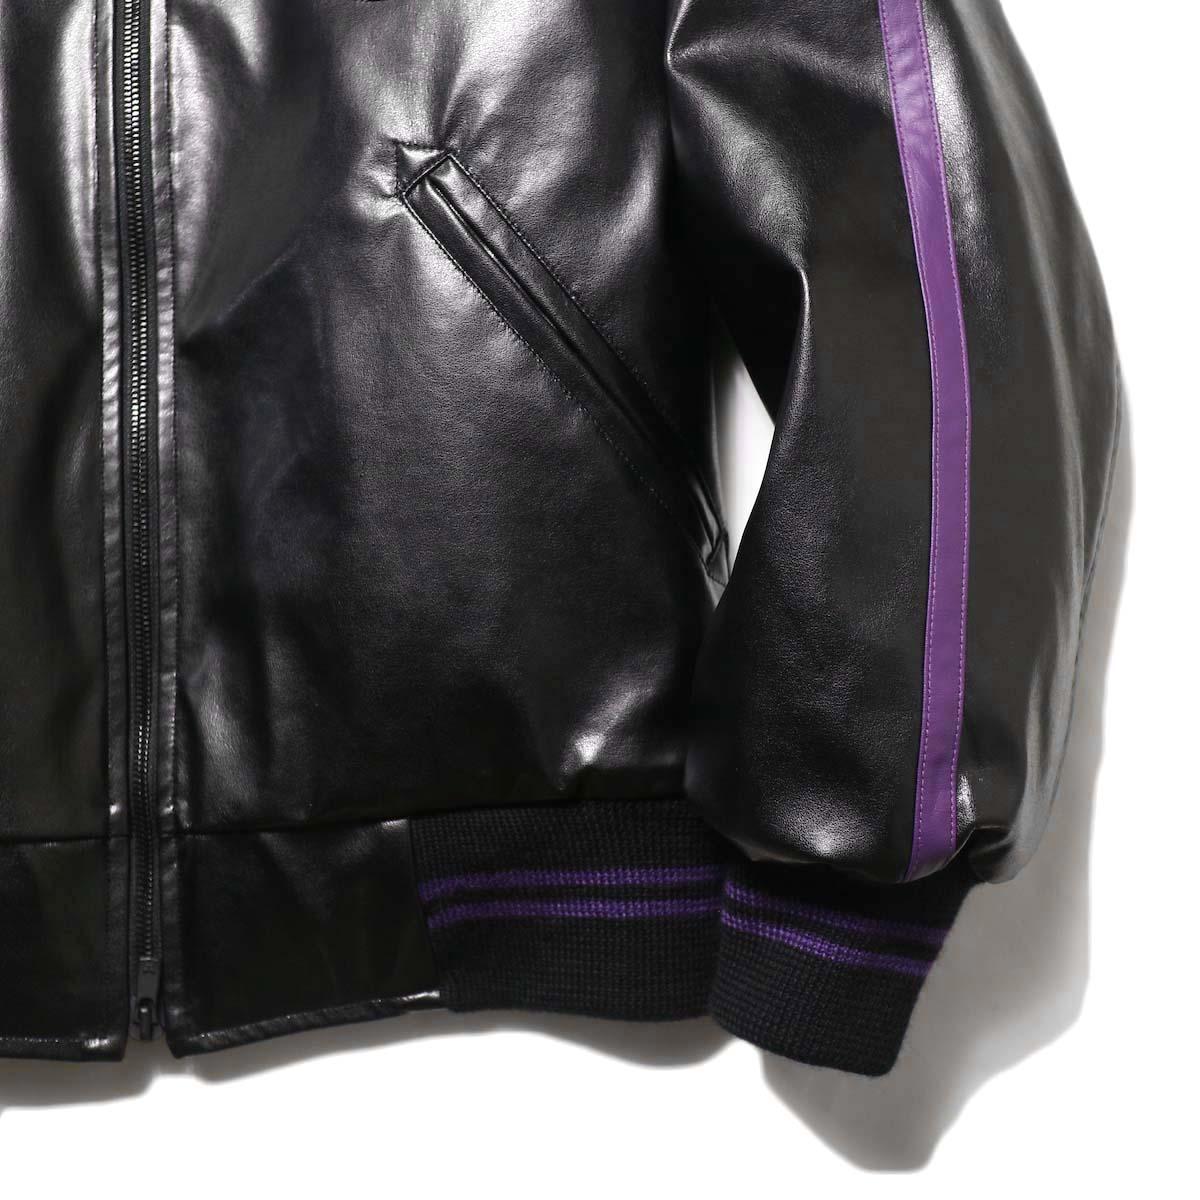 Needles / Award Jacket - Faux Lthr (Black)袖、裾